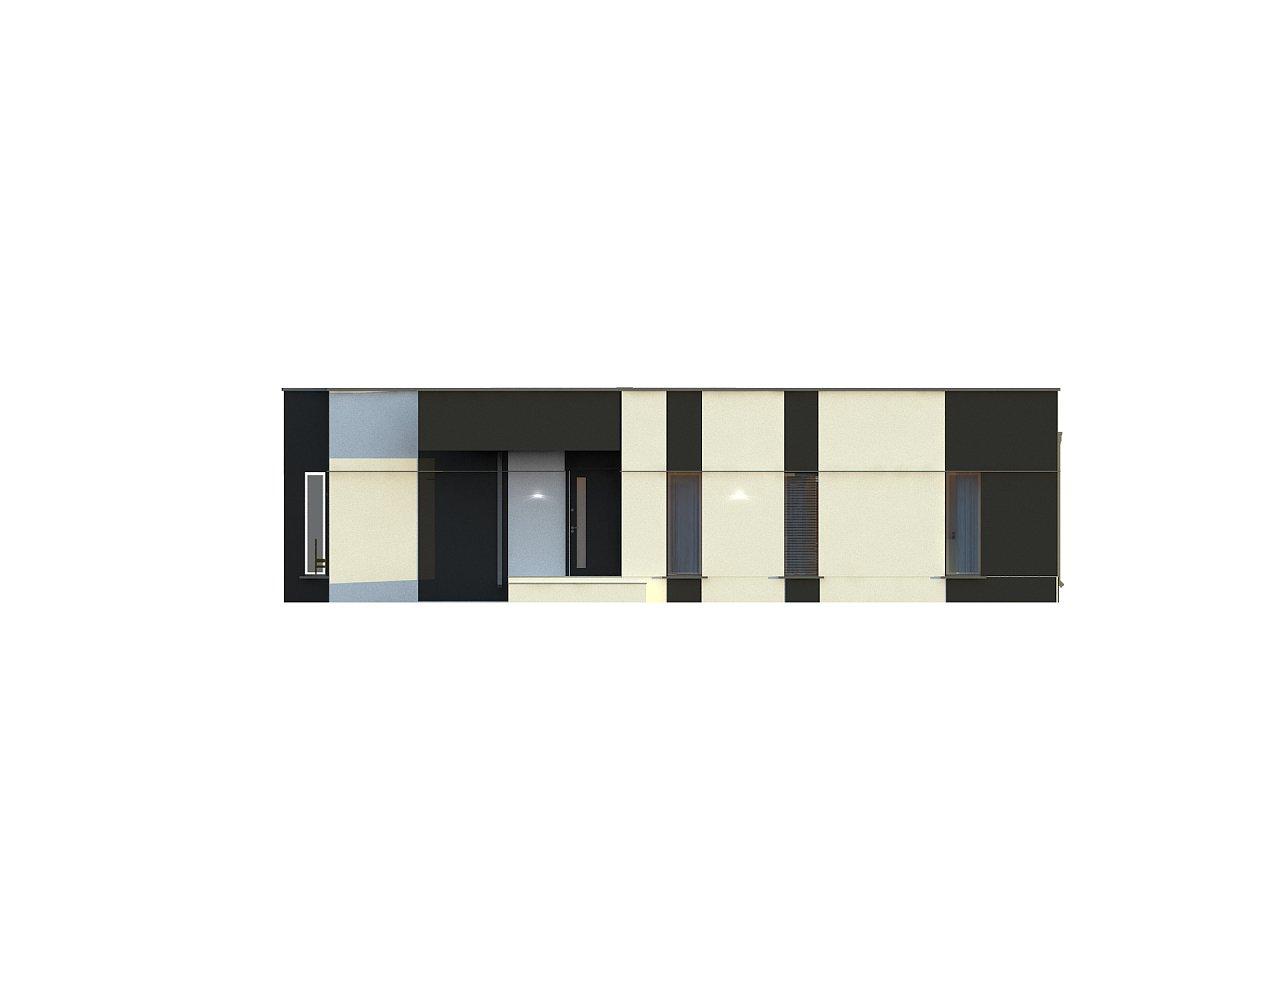 Одноэтажный комфортный дом в стиле хай-тек. 24